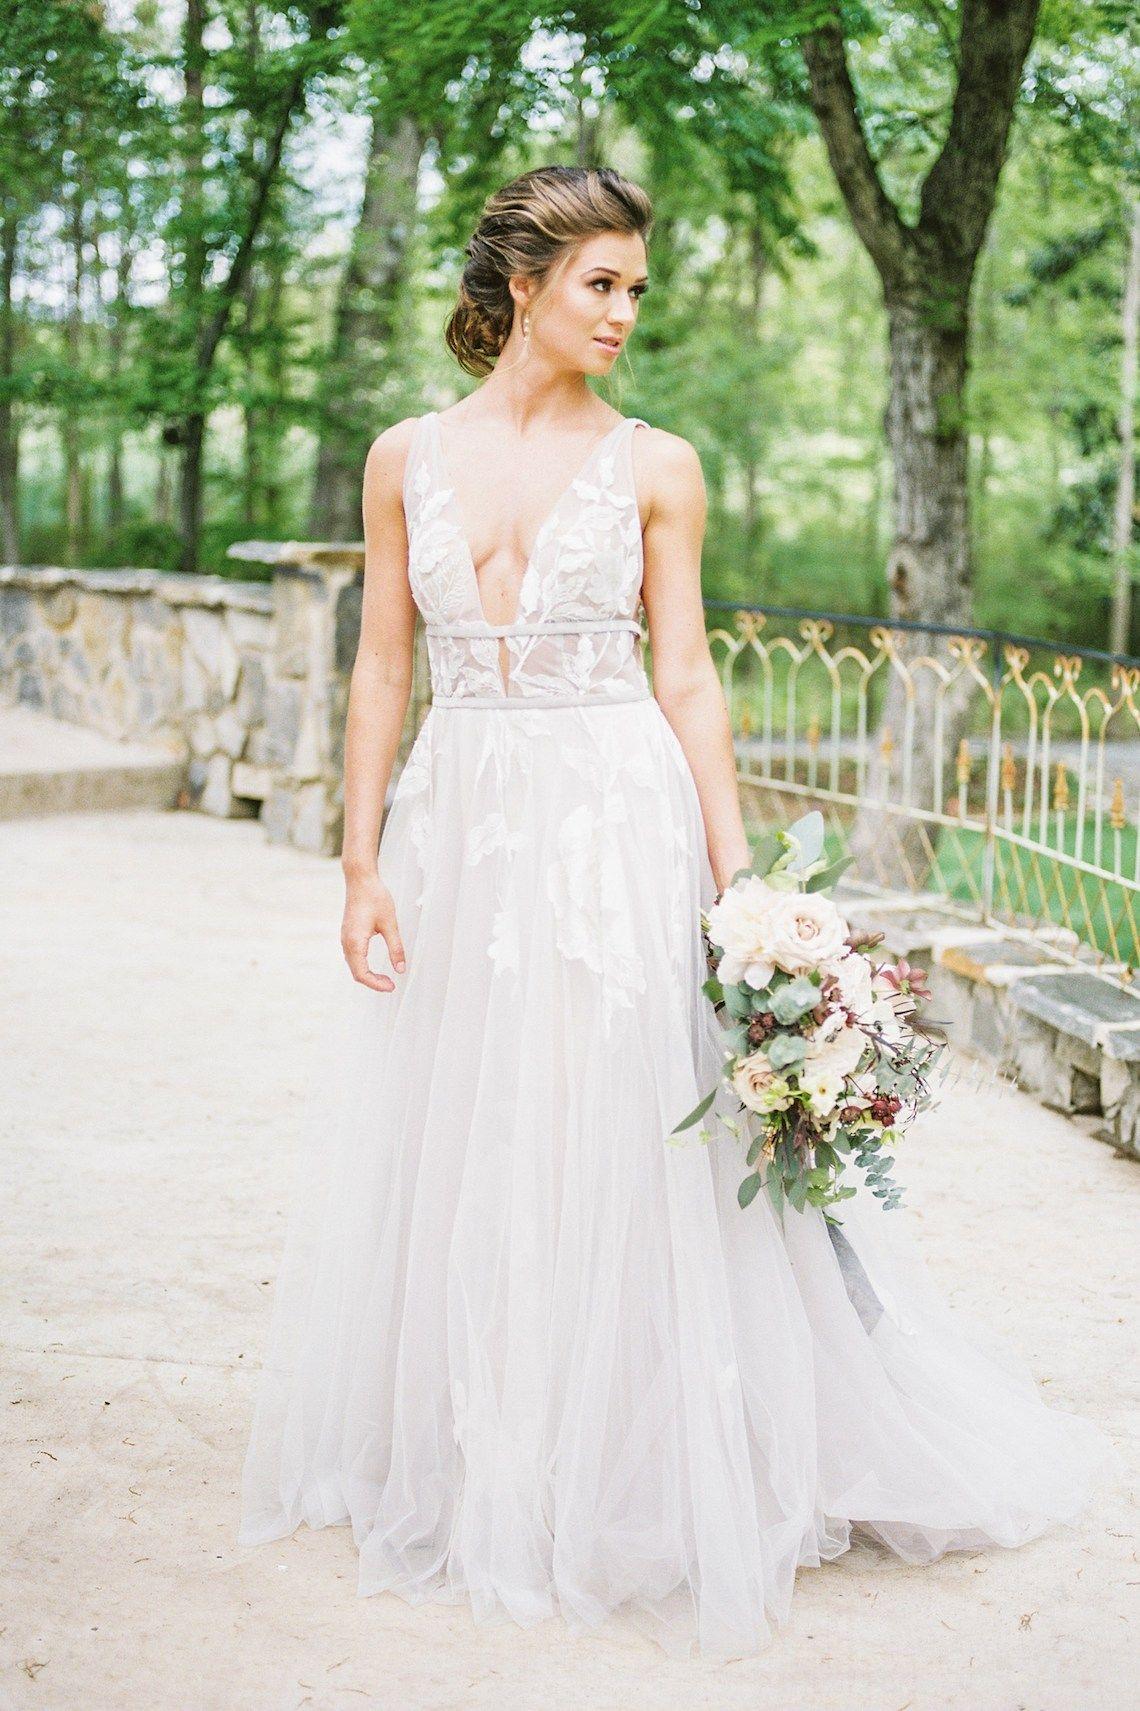 wedding dresses pinterest 18 off 18   medpharmres.com